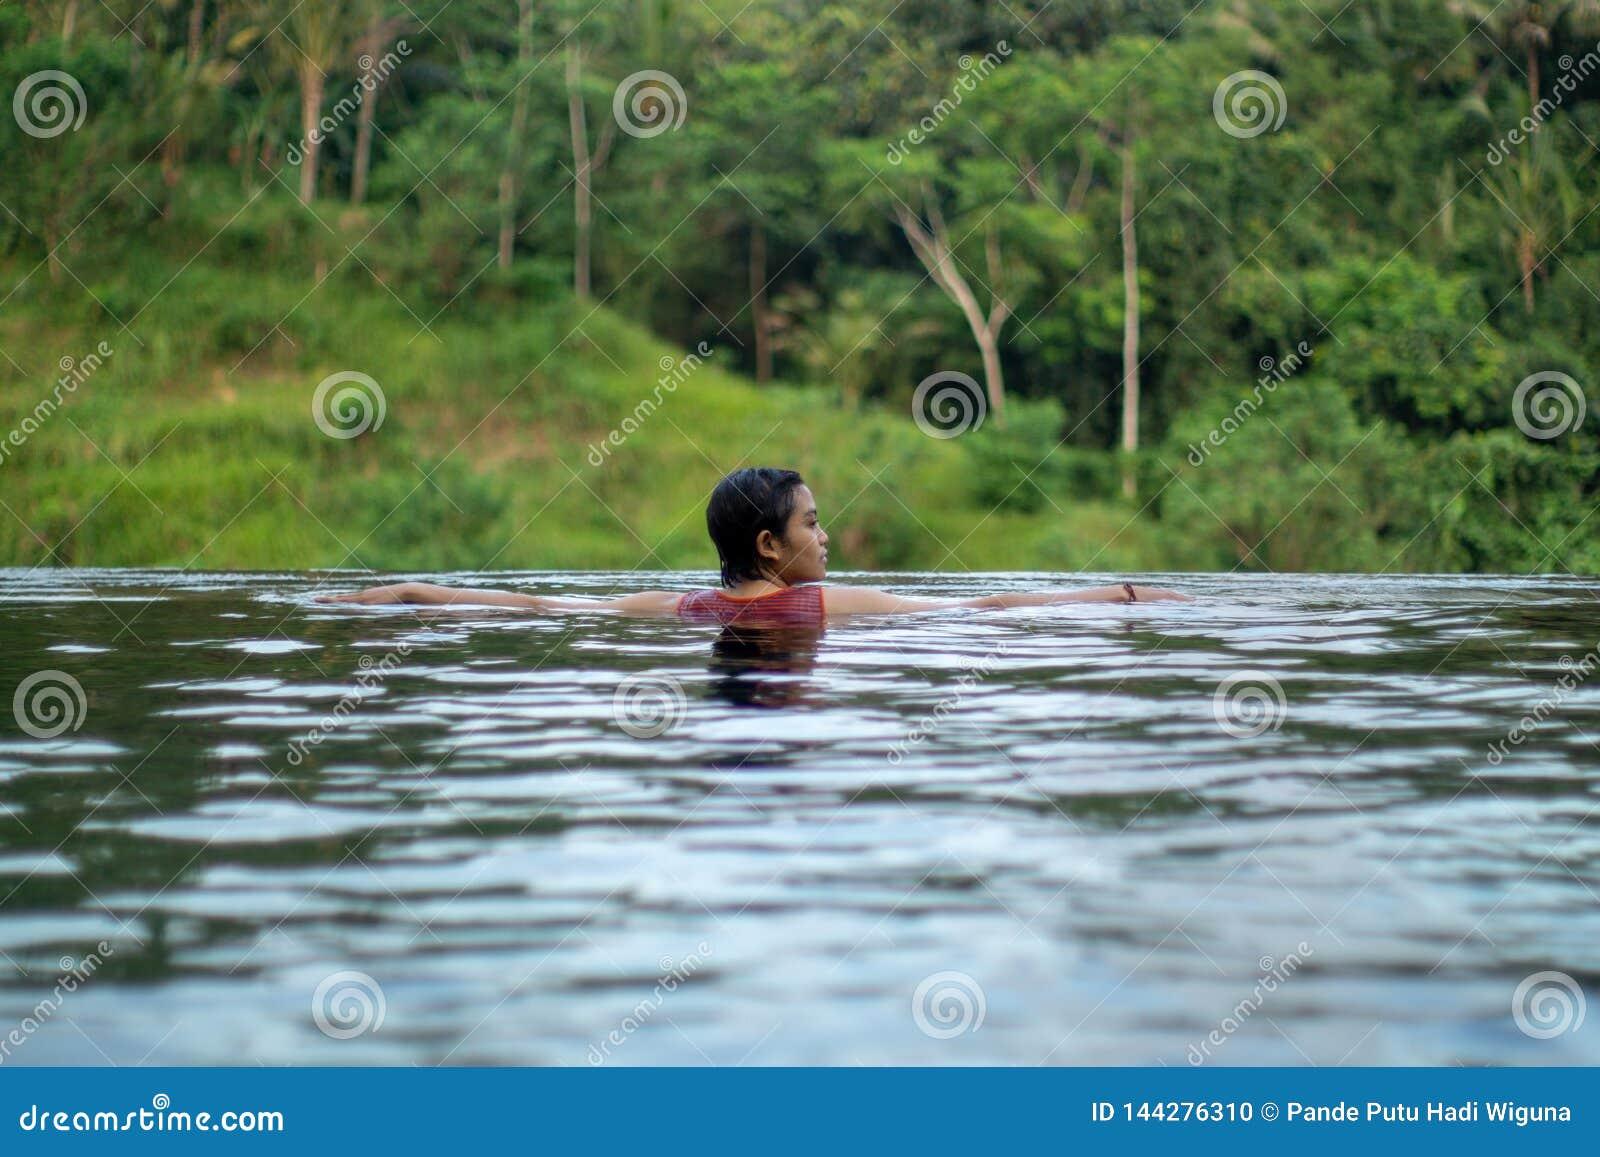 在无限水池的年轻亚洲女孩游泳有美丽的景色 她被拍从后面的照片